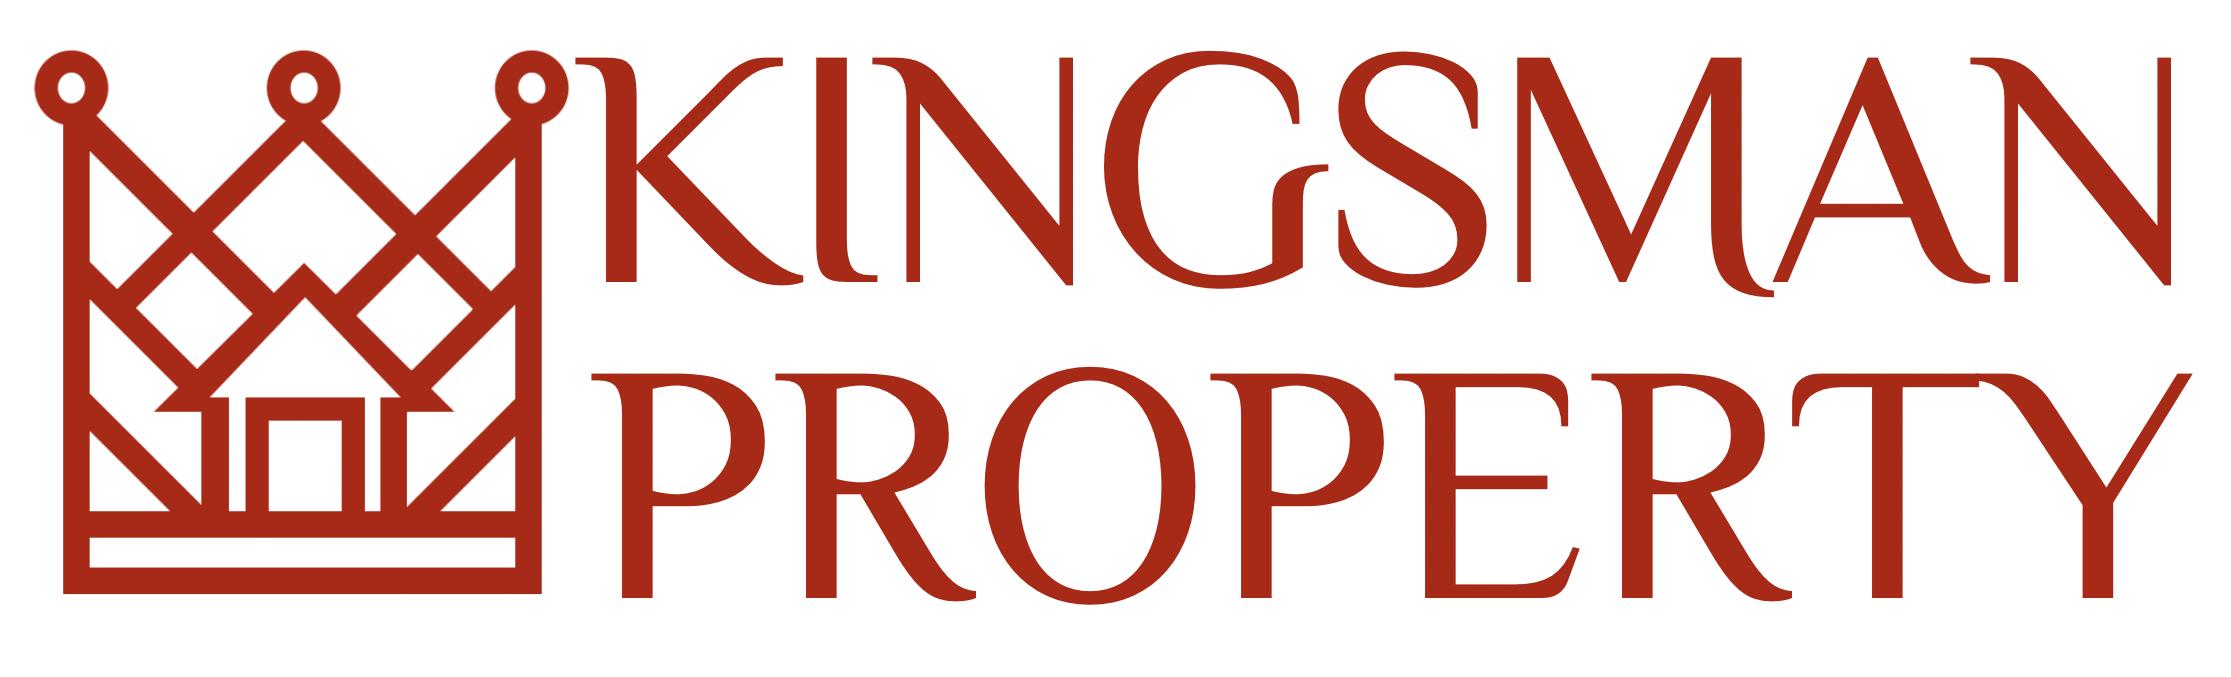 Kingsman Property